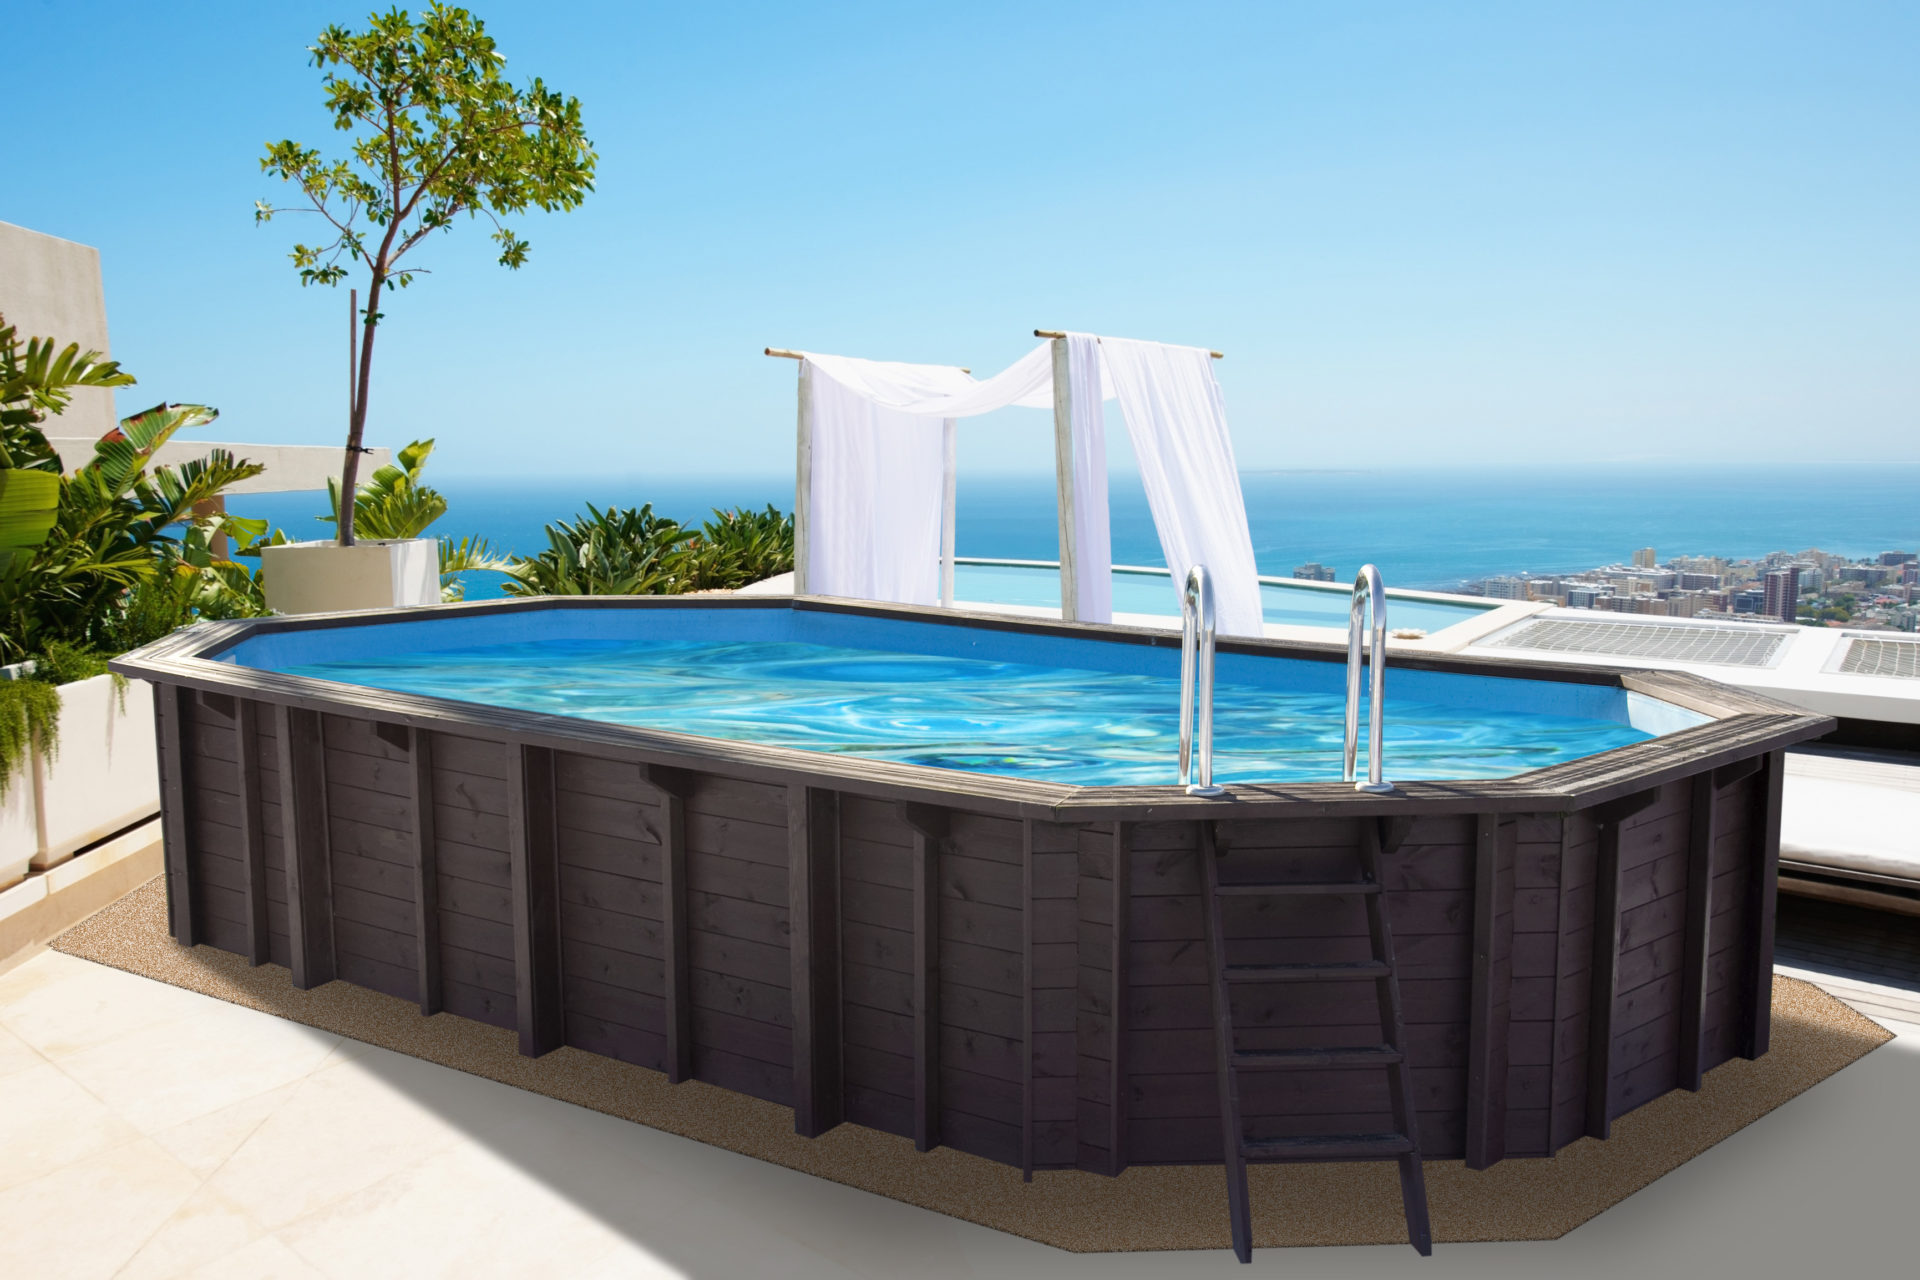 Abatec Above Ground Pools Premium Capri